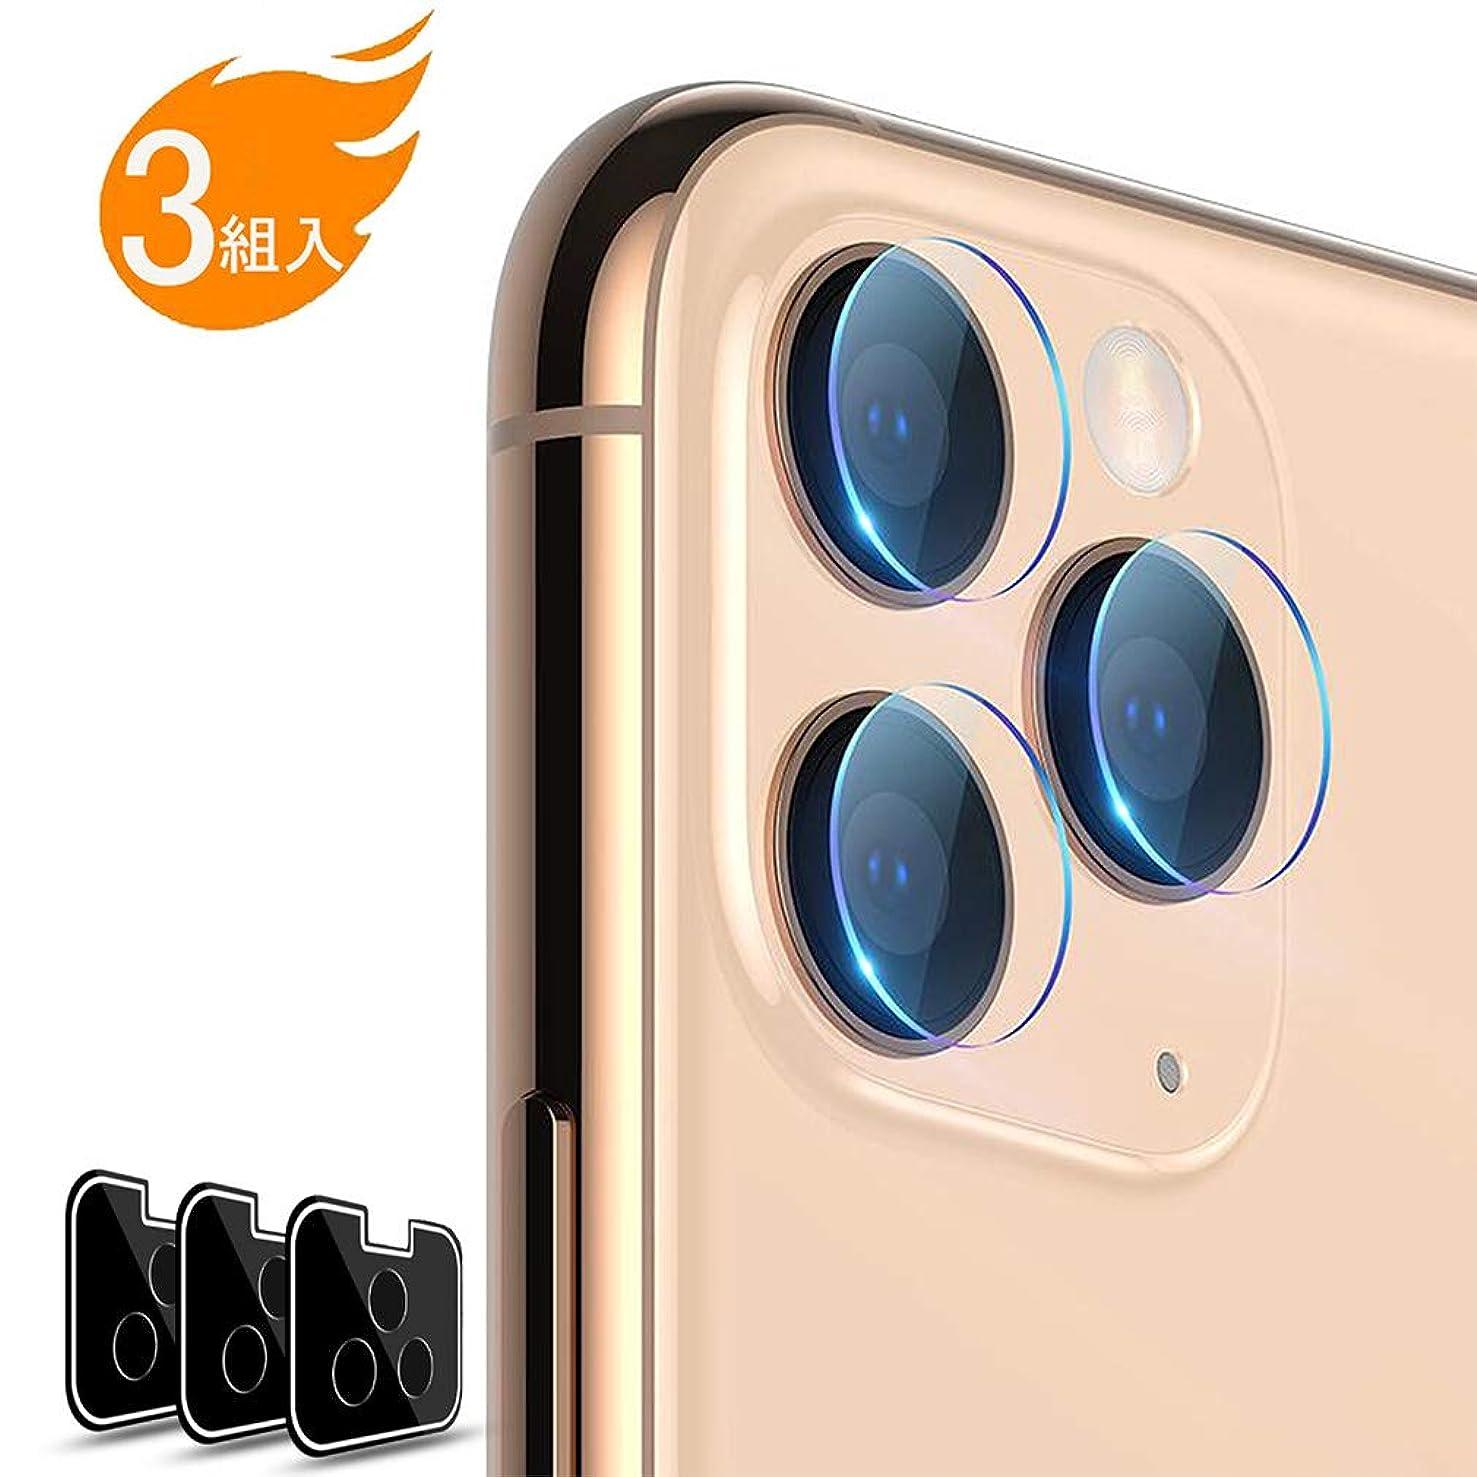 うなり声強大な株式iPhone 11 Pro/iPhone 11 Pro Max カメラフィルム Maxku iPhone 11 Pro iPhone 11 Pro Max レンズ保護ガラスフィルム 超薄 硬度9H 高透過率 指紋防止 飛散防止処理 ガラスフィルム【3枚入り】